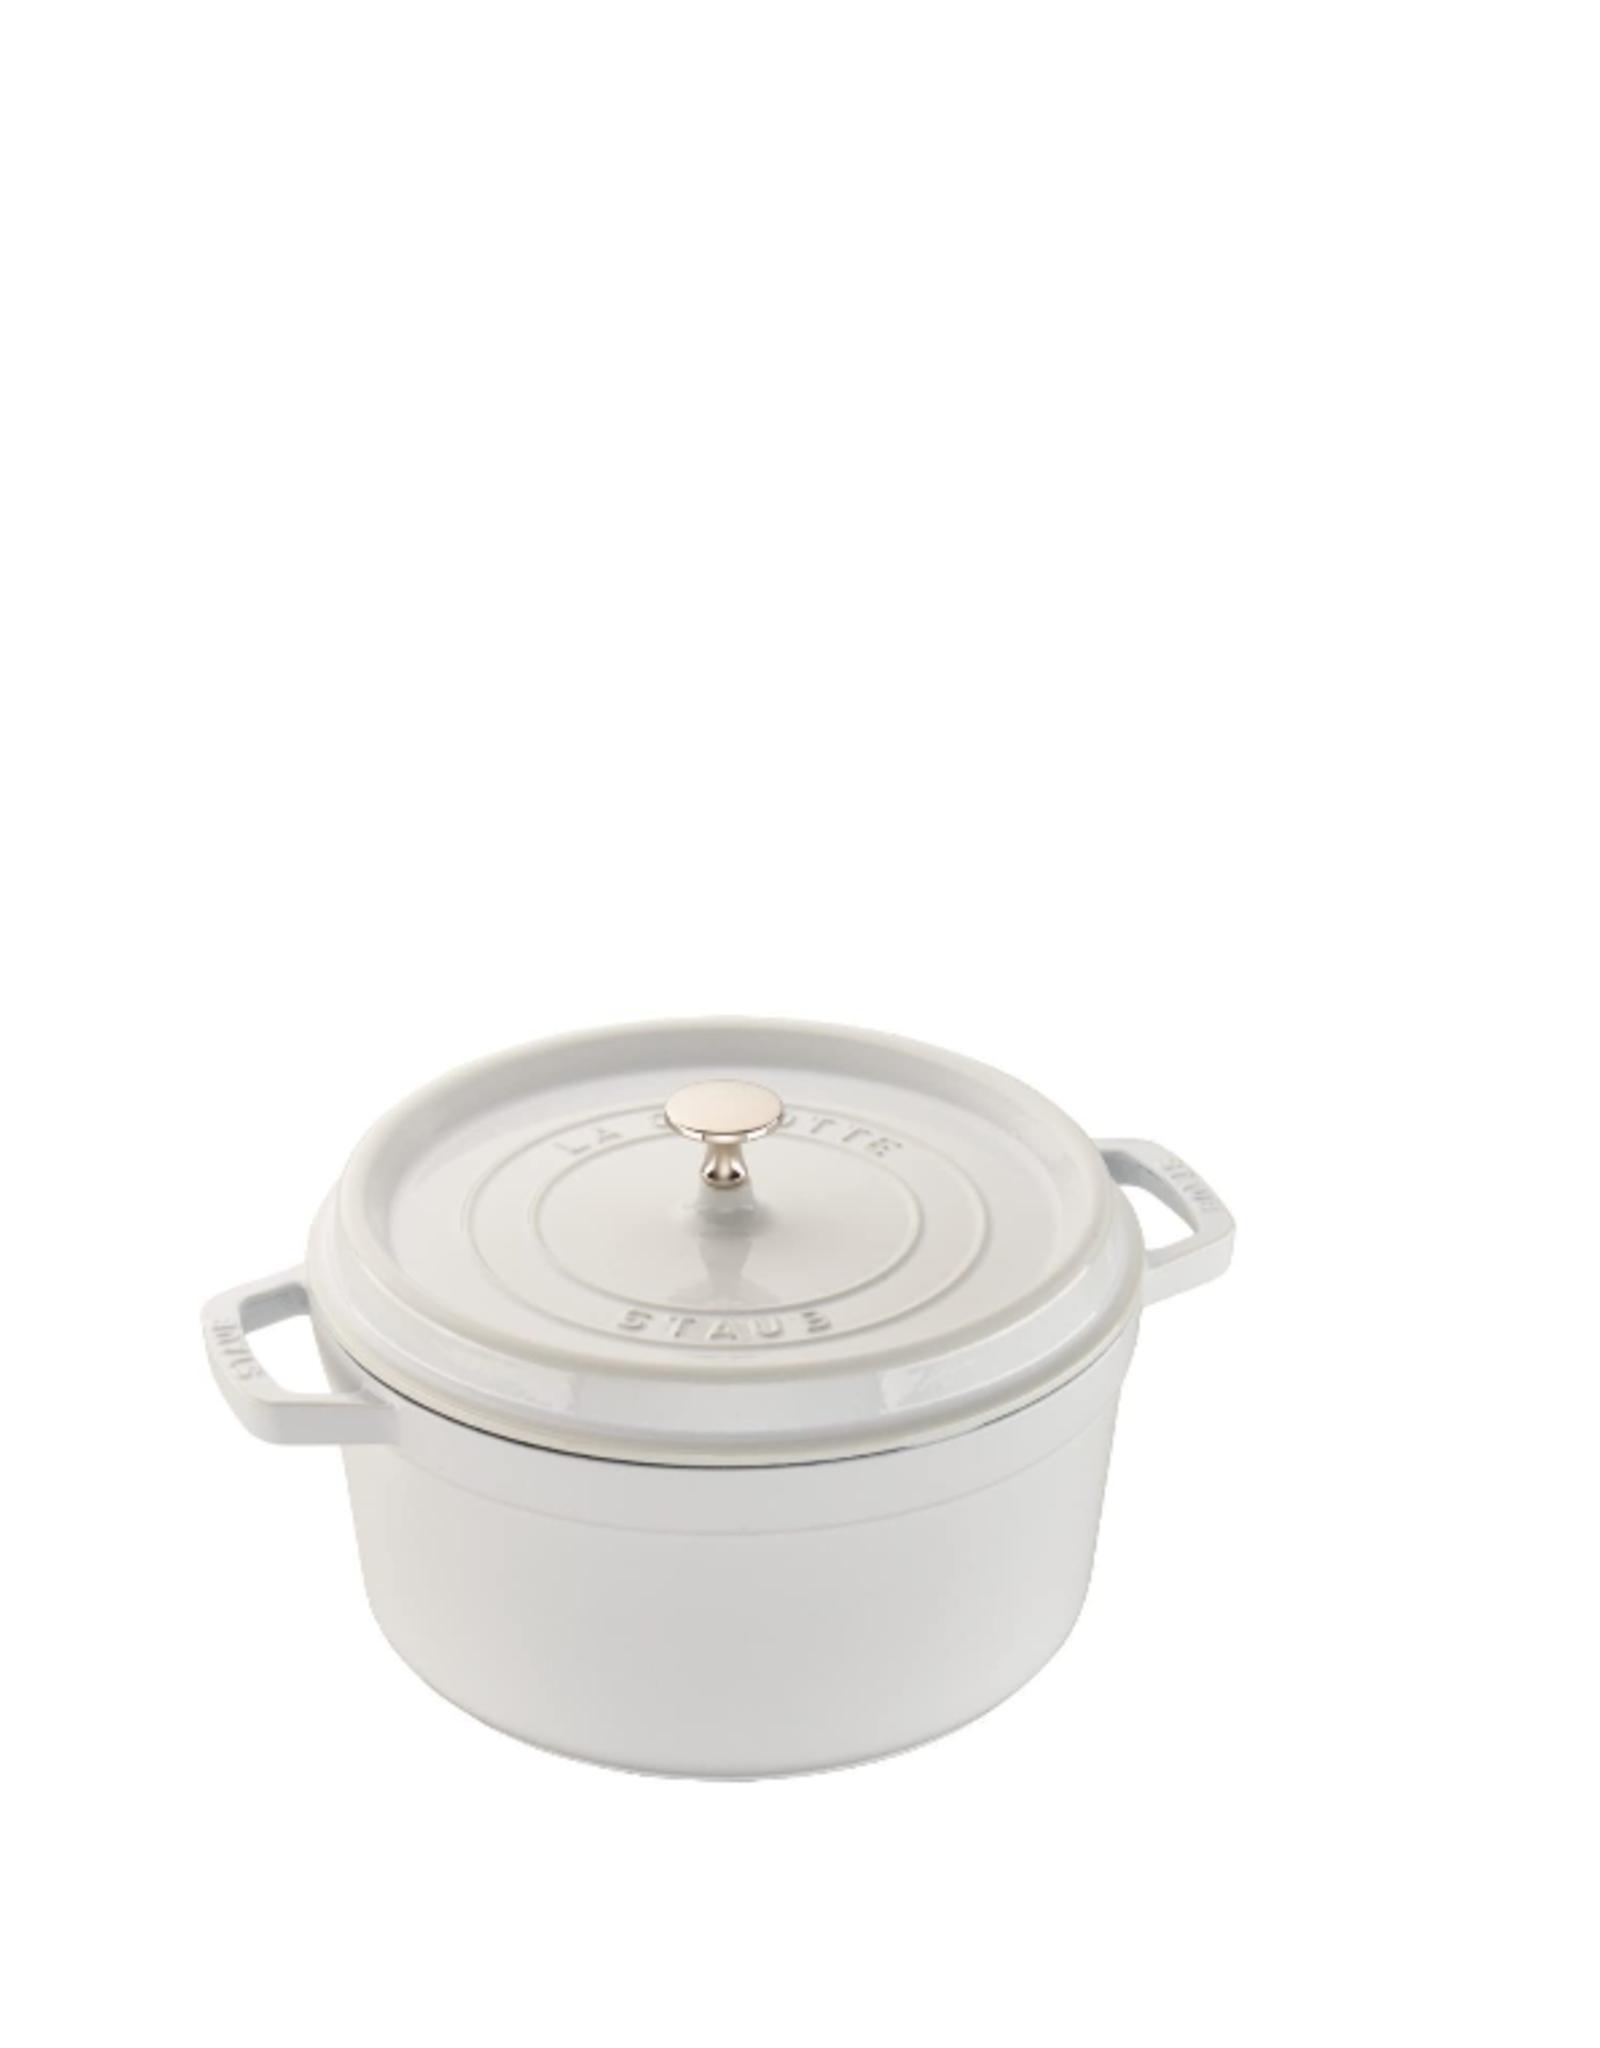 Round Cocotte, 5.5Qt, White